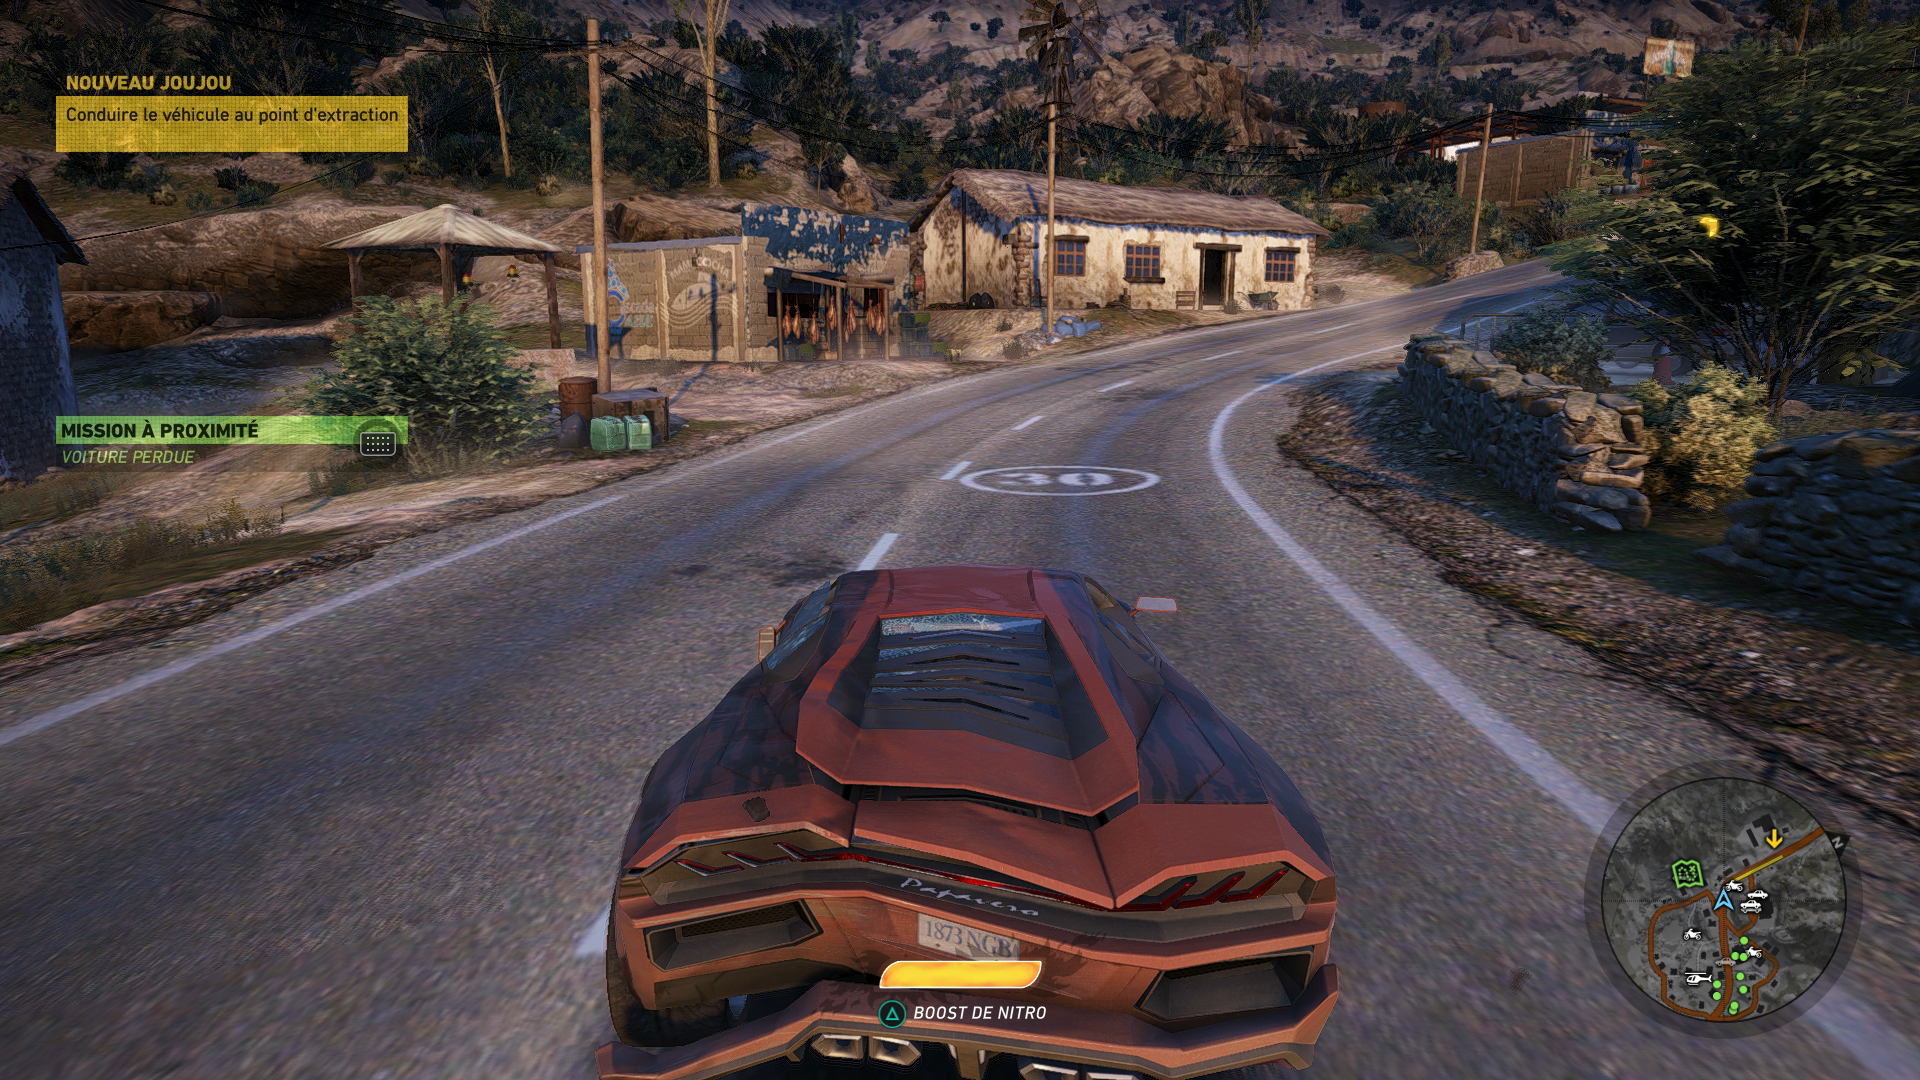 Ghost Recon Wildlands: Narco Road Xbox